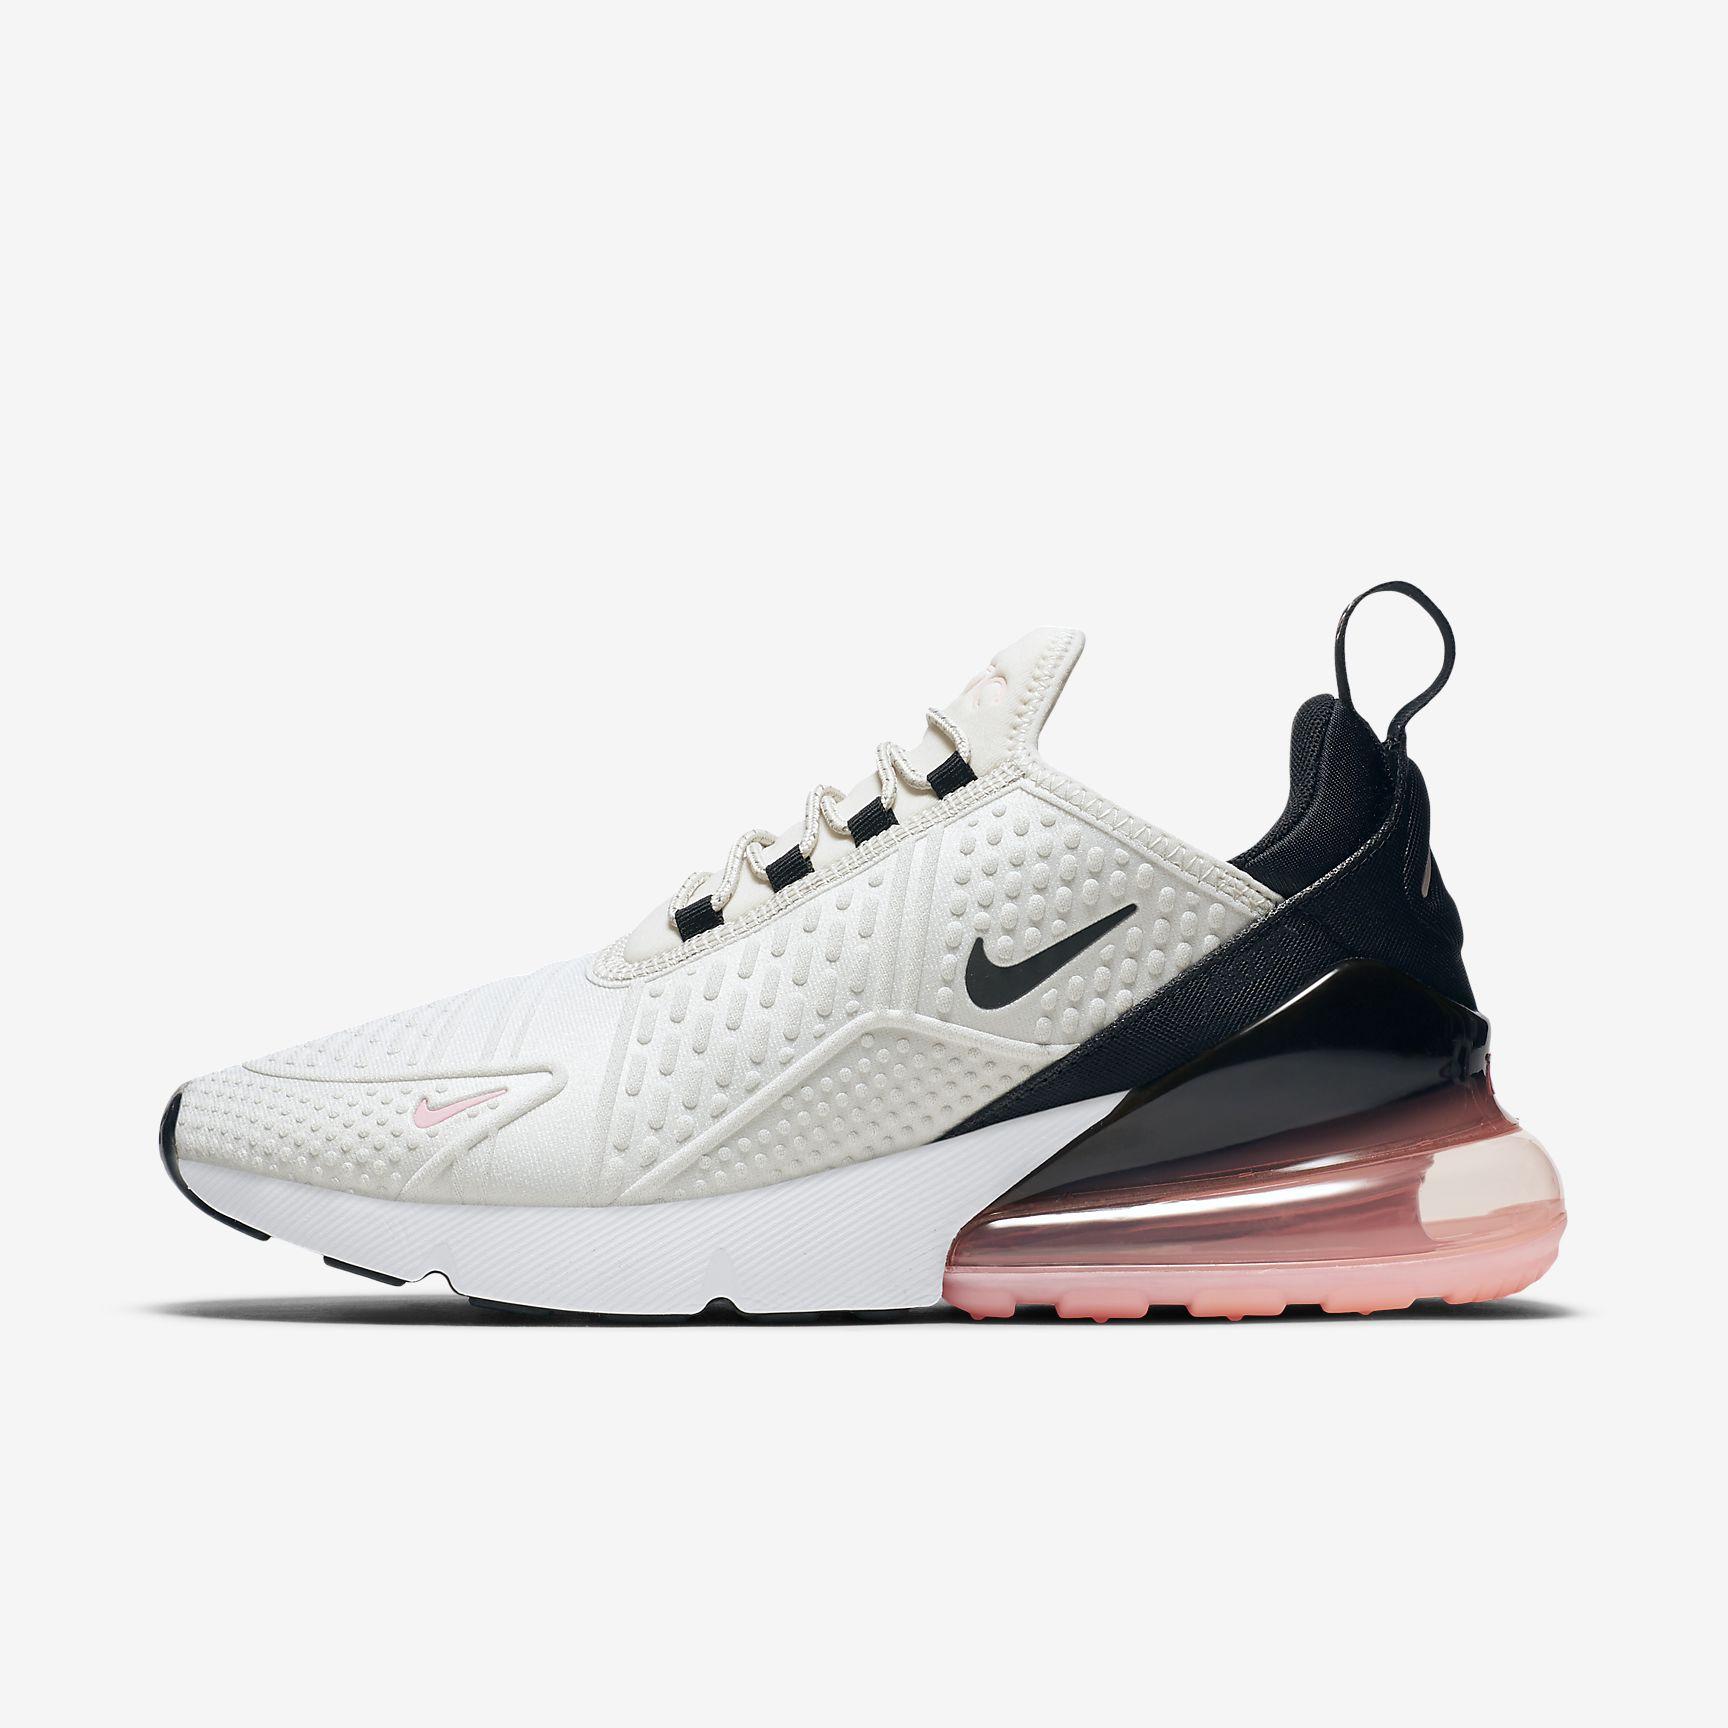 info for e4fdf 36675 Nike - Air Max 270 SE womens